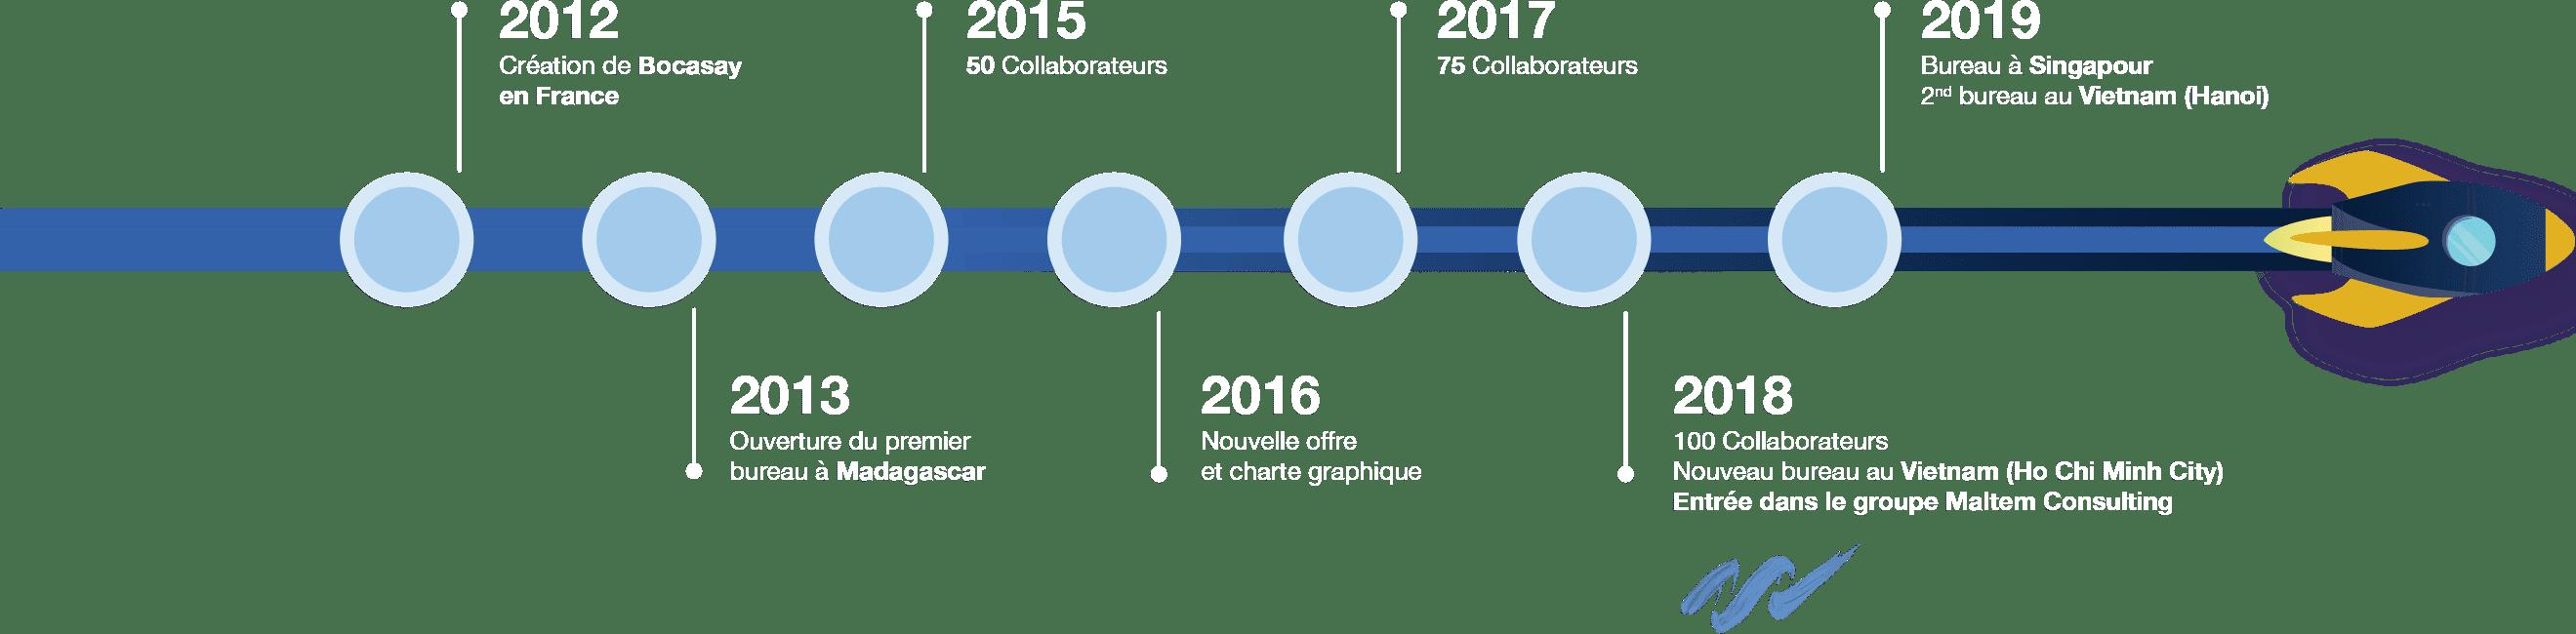 Chronologie de Bocasay